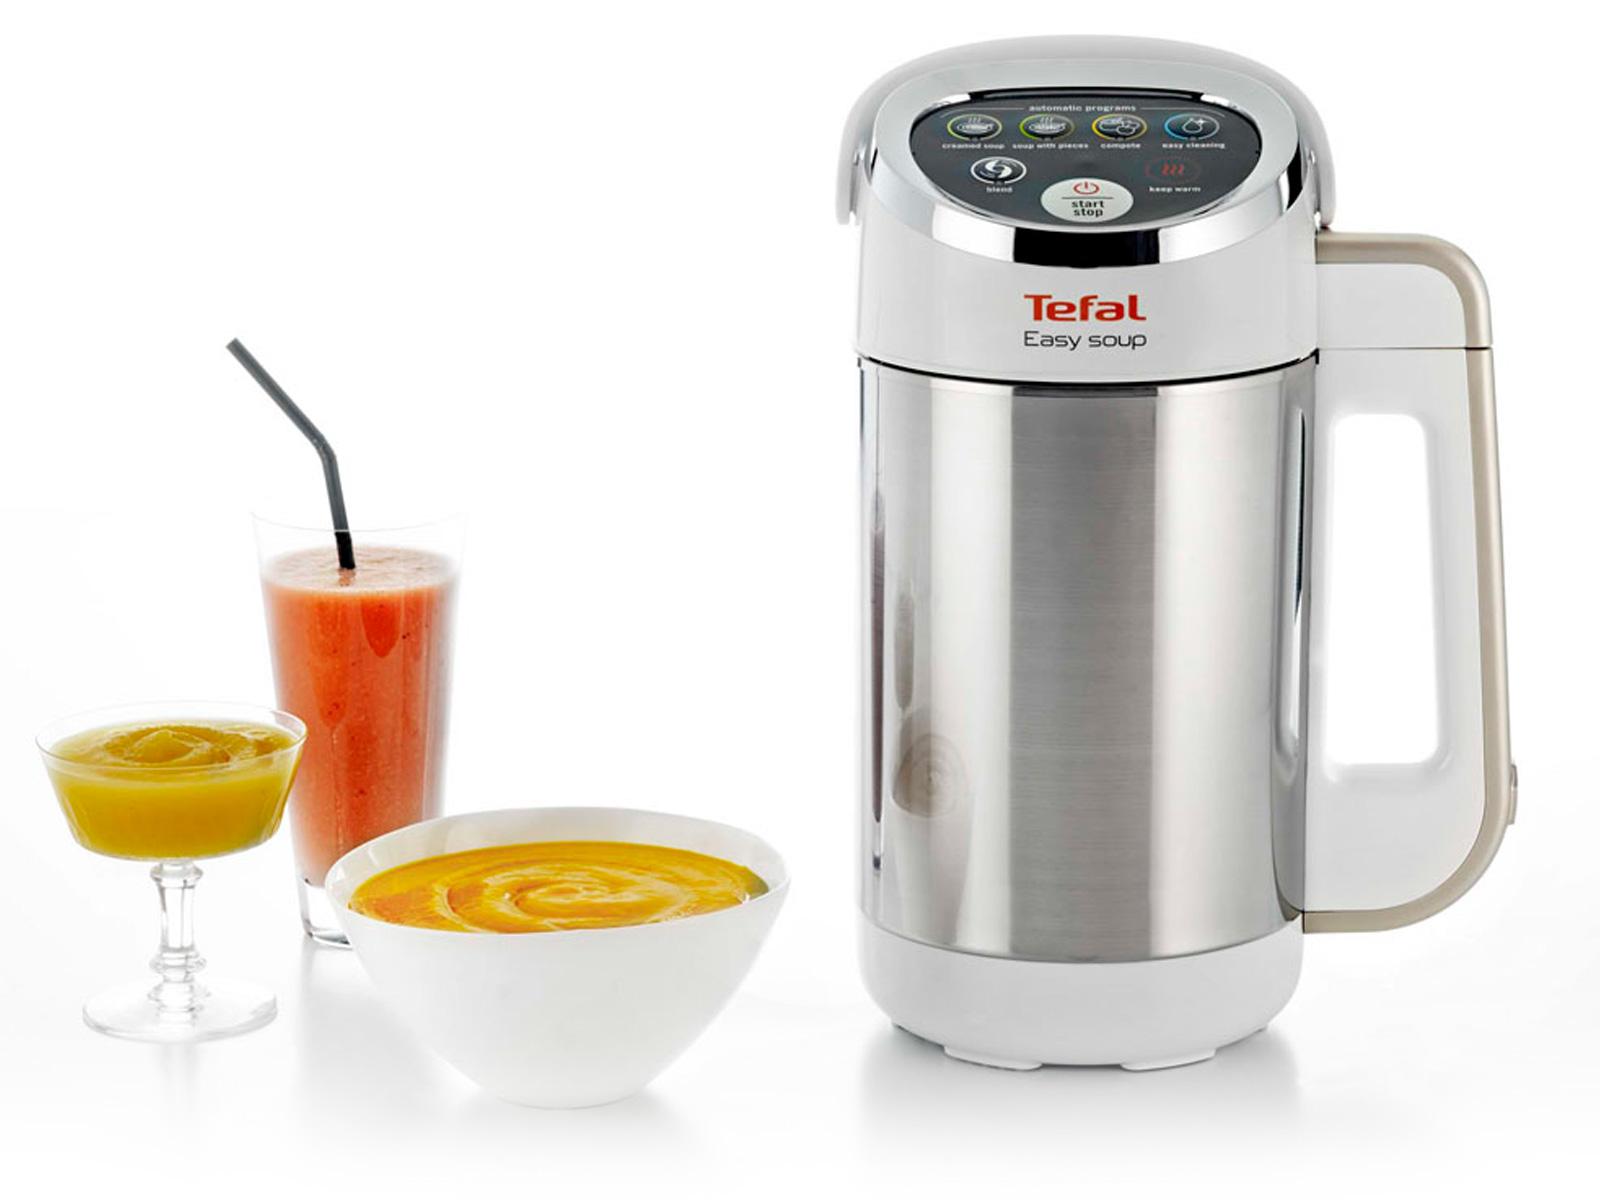 recette soupe blender chauffant moulinex